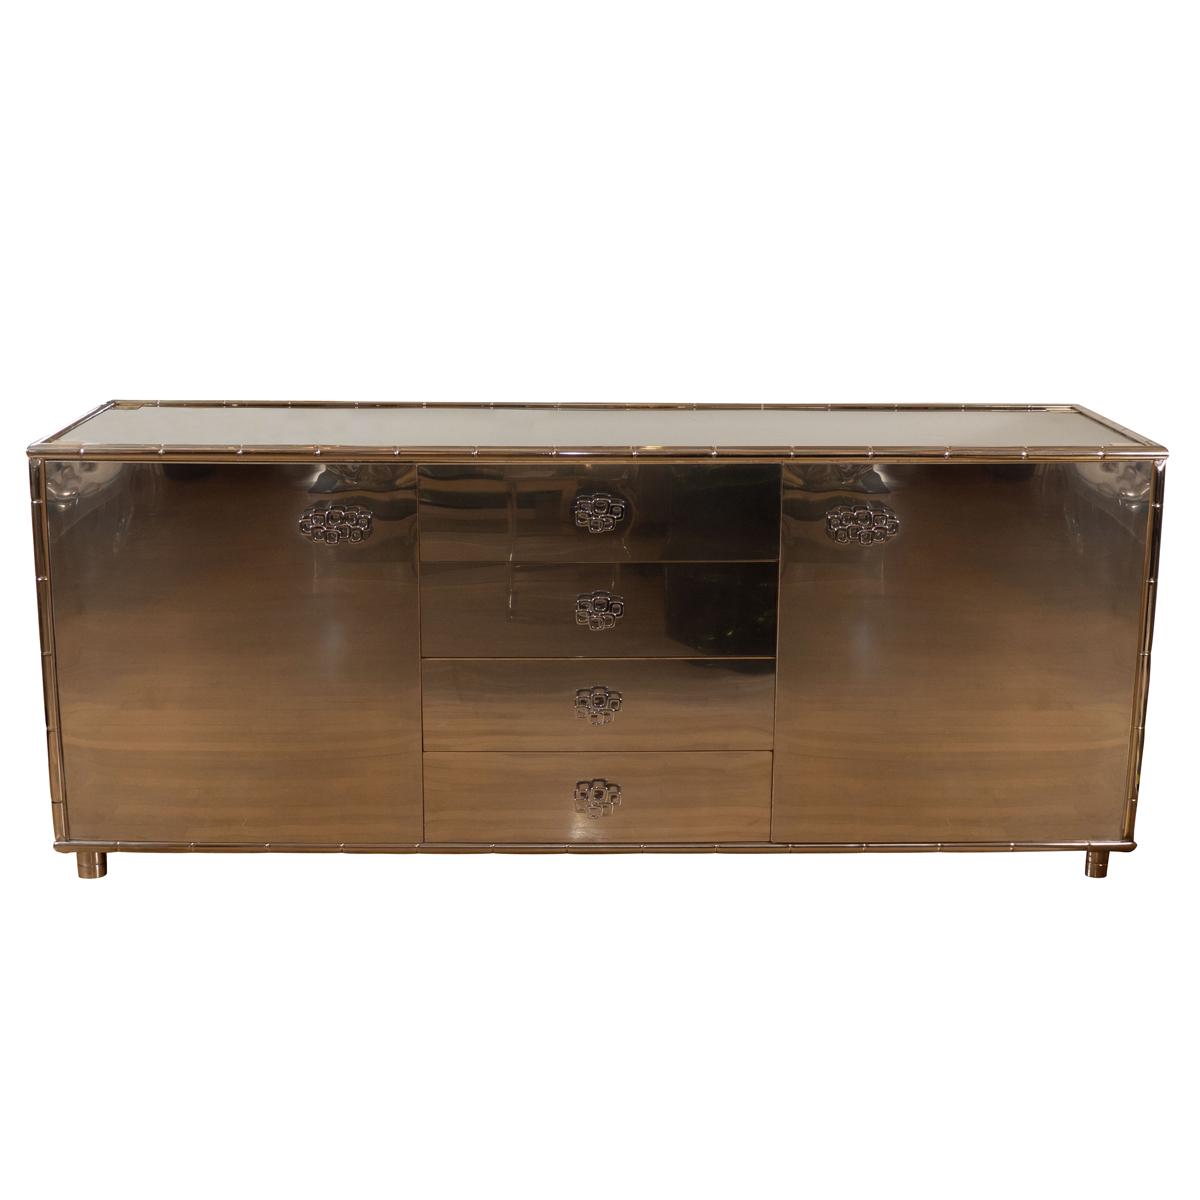 rectangular stainless steel sideboard sideboards john. Black Bedroom Furniture Sets. Home Design Ideas